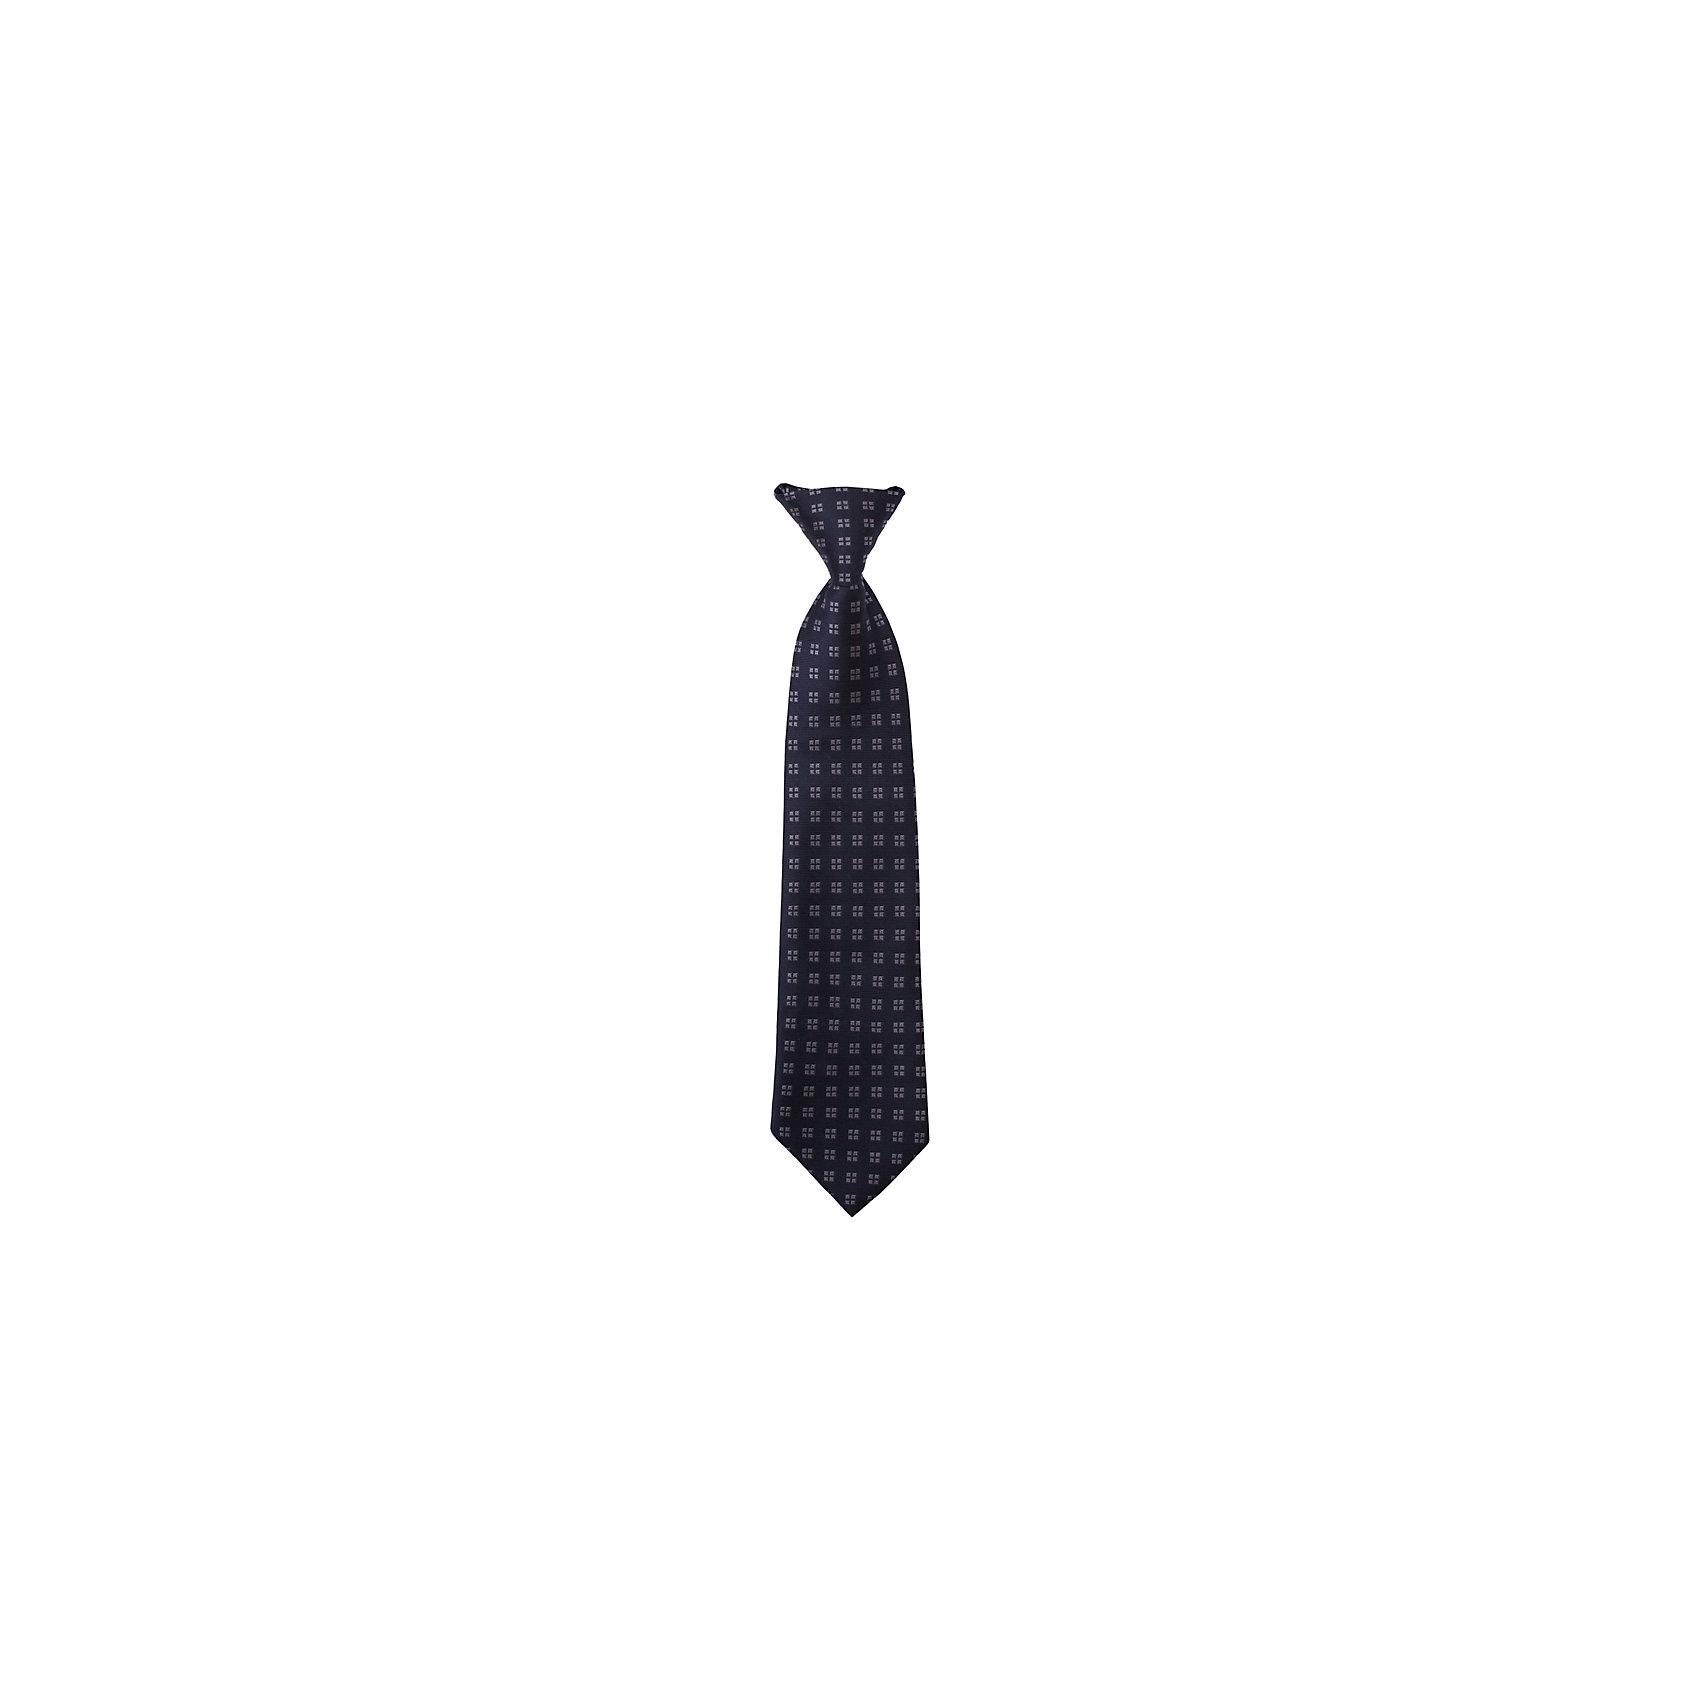 Галстук для мальчика PlayTodayАксессуары<br>Галстук для мальчика от известного бренда PlayToday.<br>Стильный галстук.<br><br>Выполнен из гладкого материала с легким матовым блеском. Удобная застежка.<br>Состав:<br>100% полиэстер<br><br>Ширина мм: 170<br>Глубина мм: 157<br>Высота мм: 67<br>Вес г: 117<br>Цвет: синий<br>Возраст от месяцев: 36<br>Возраст до месяцев: 96<br>Пол: Мужской<br>Возраст: Детский<br>Размер: one size<br>SKU: 5113997